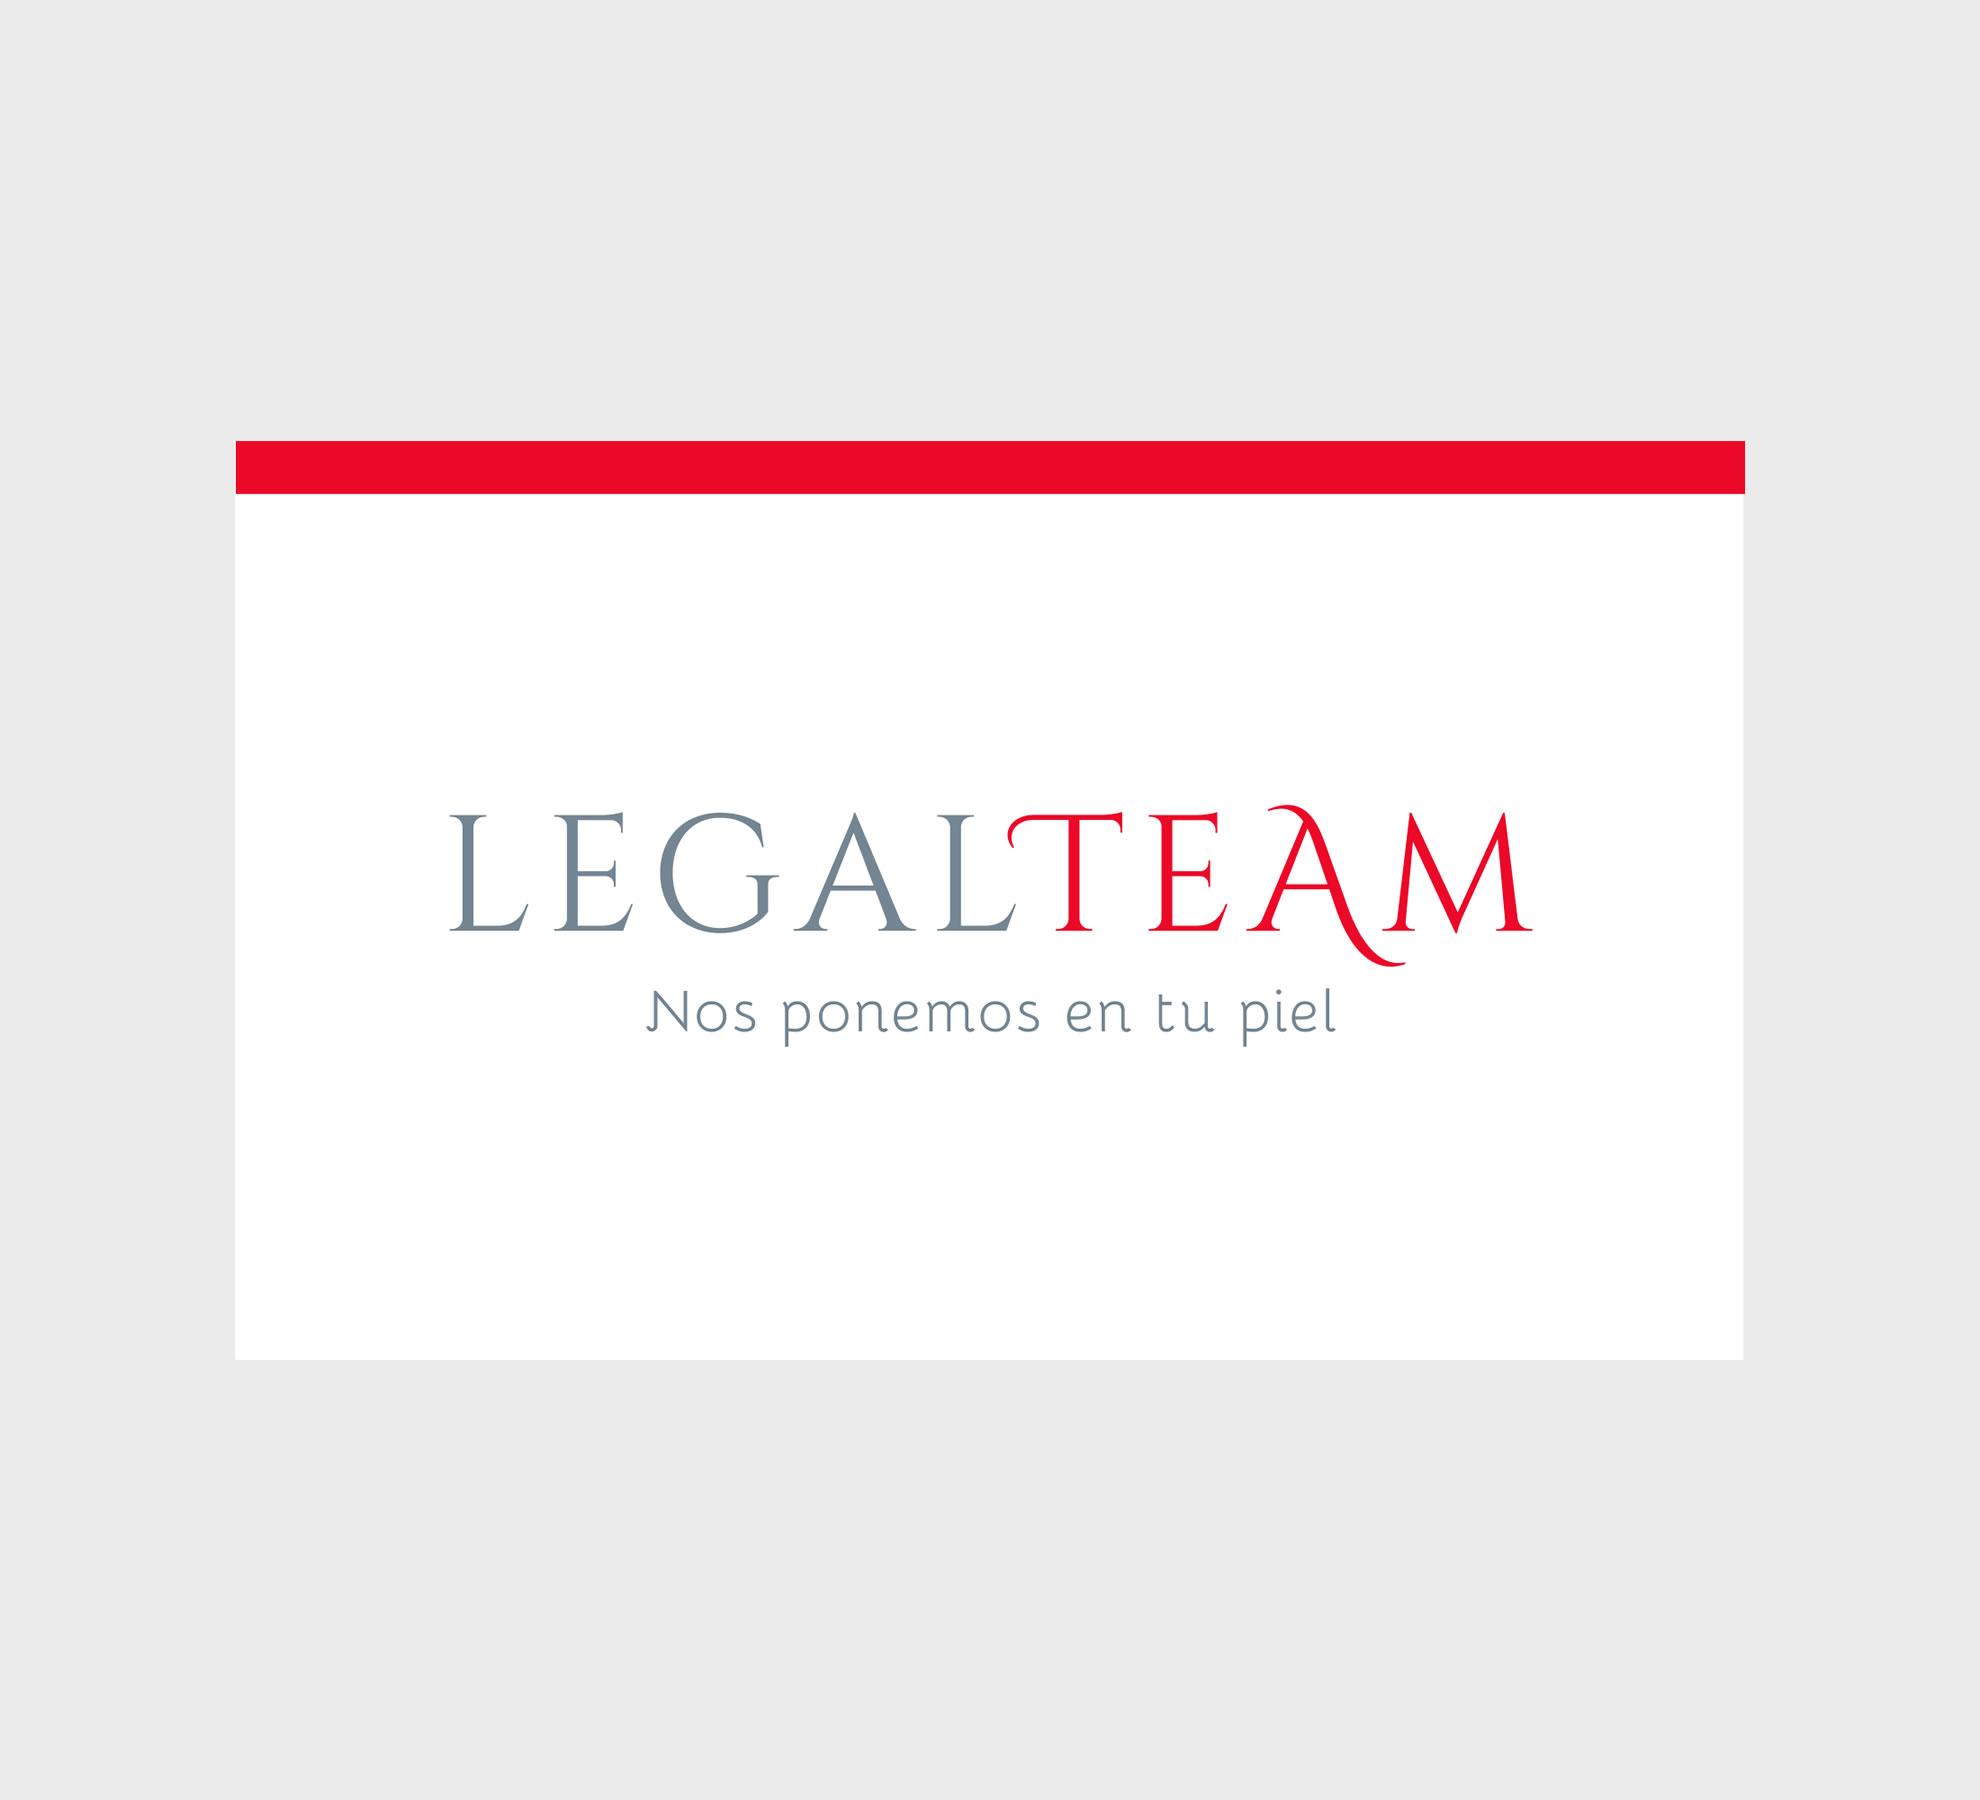 logotipo legalteam